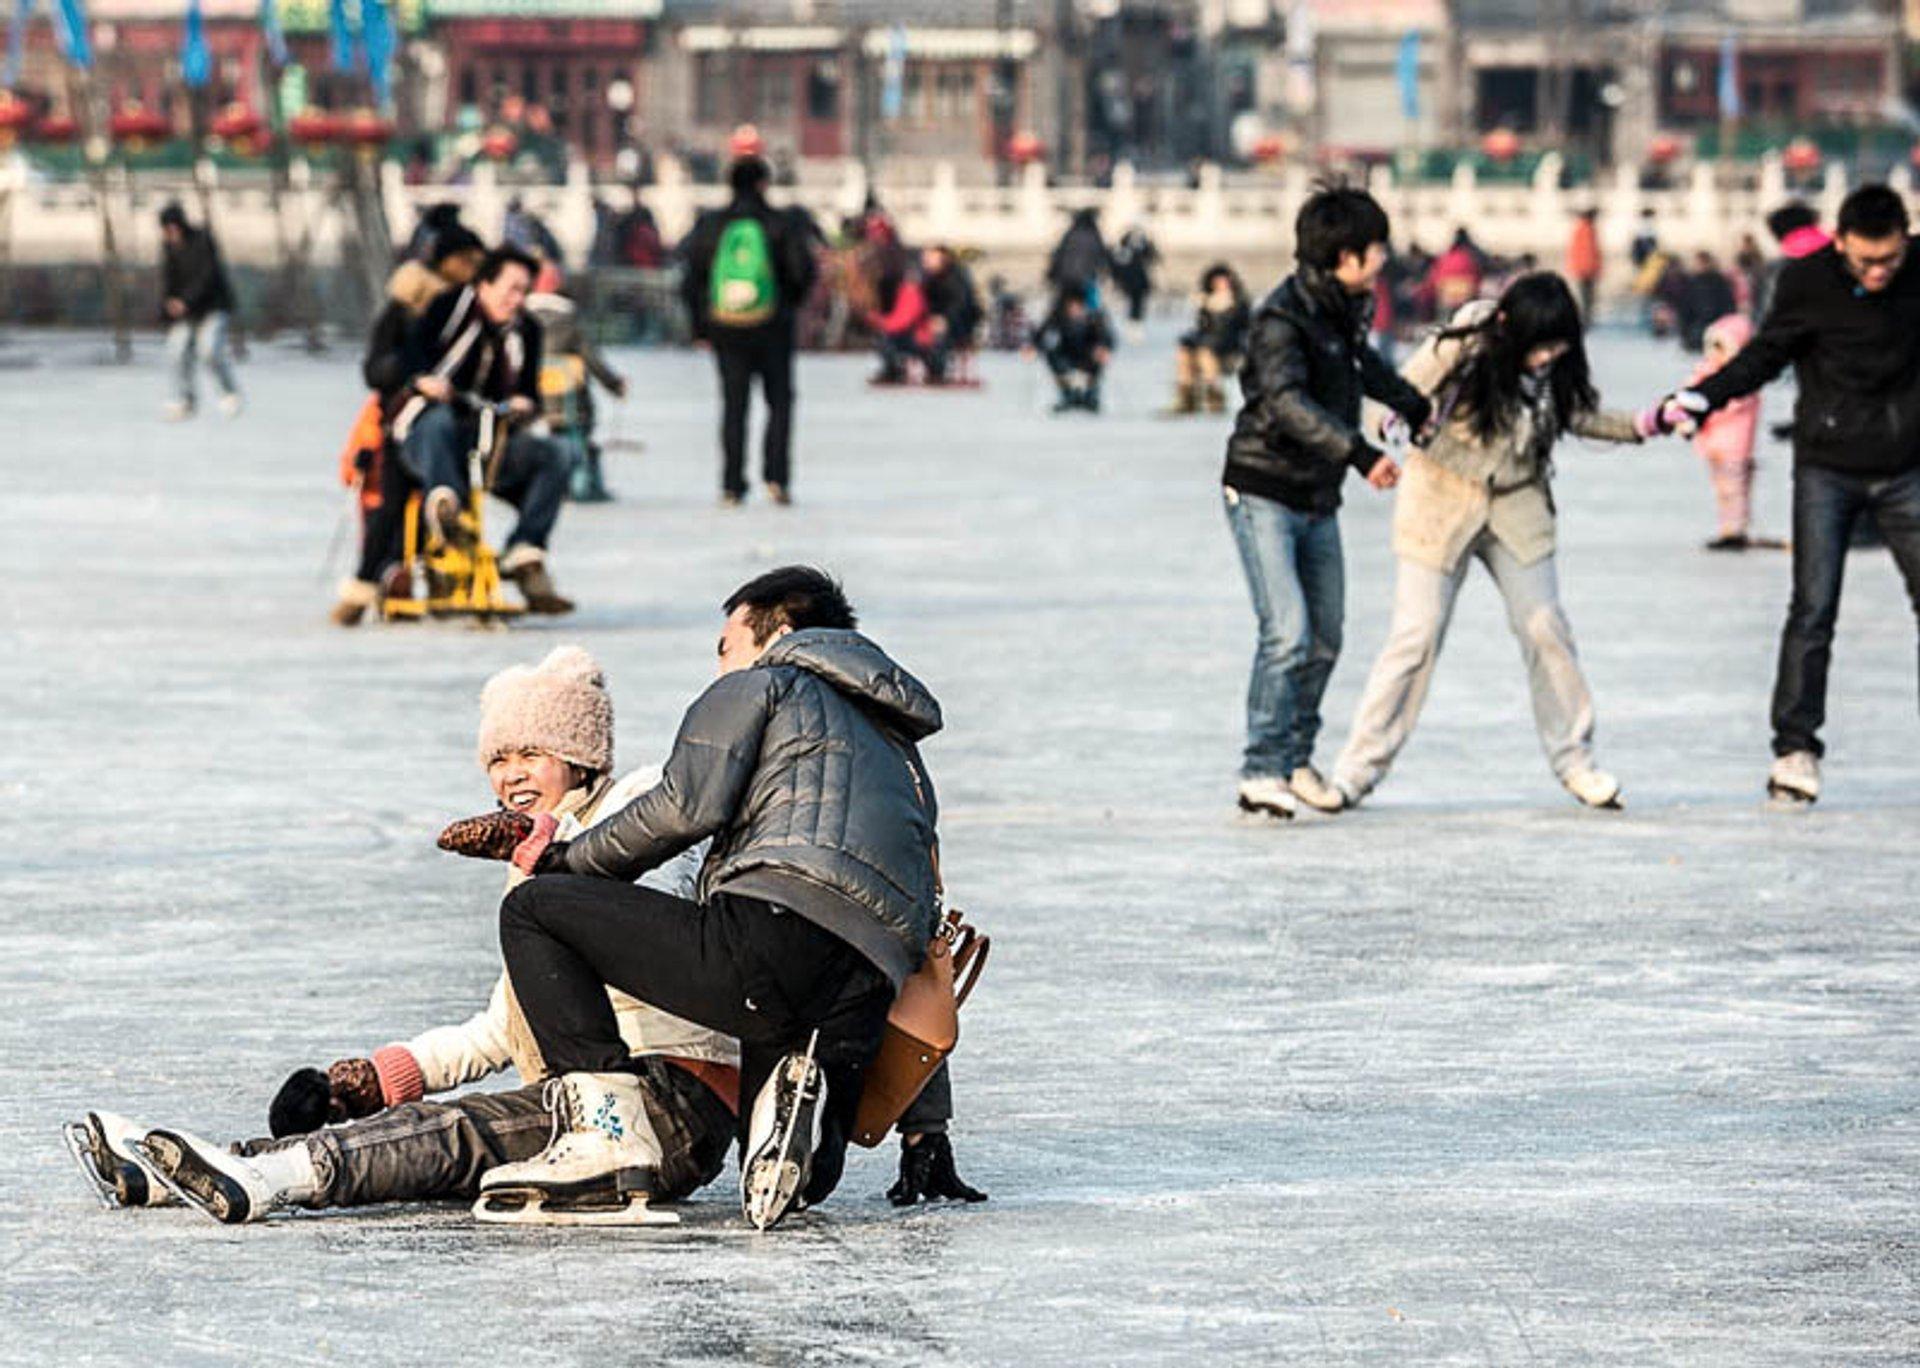 Ice skating at QianHai 2020